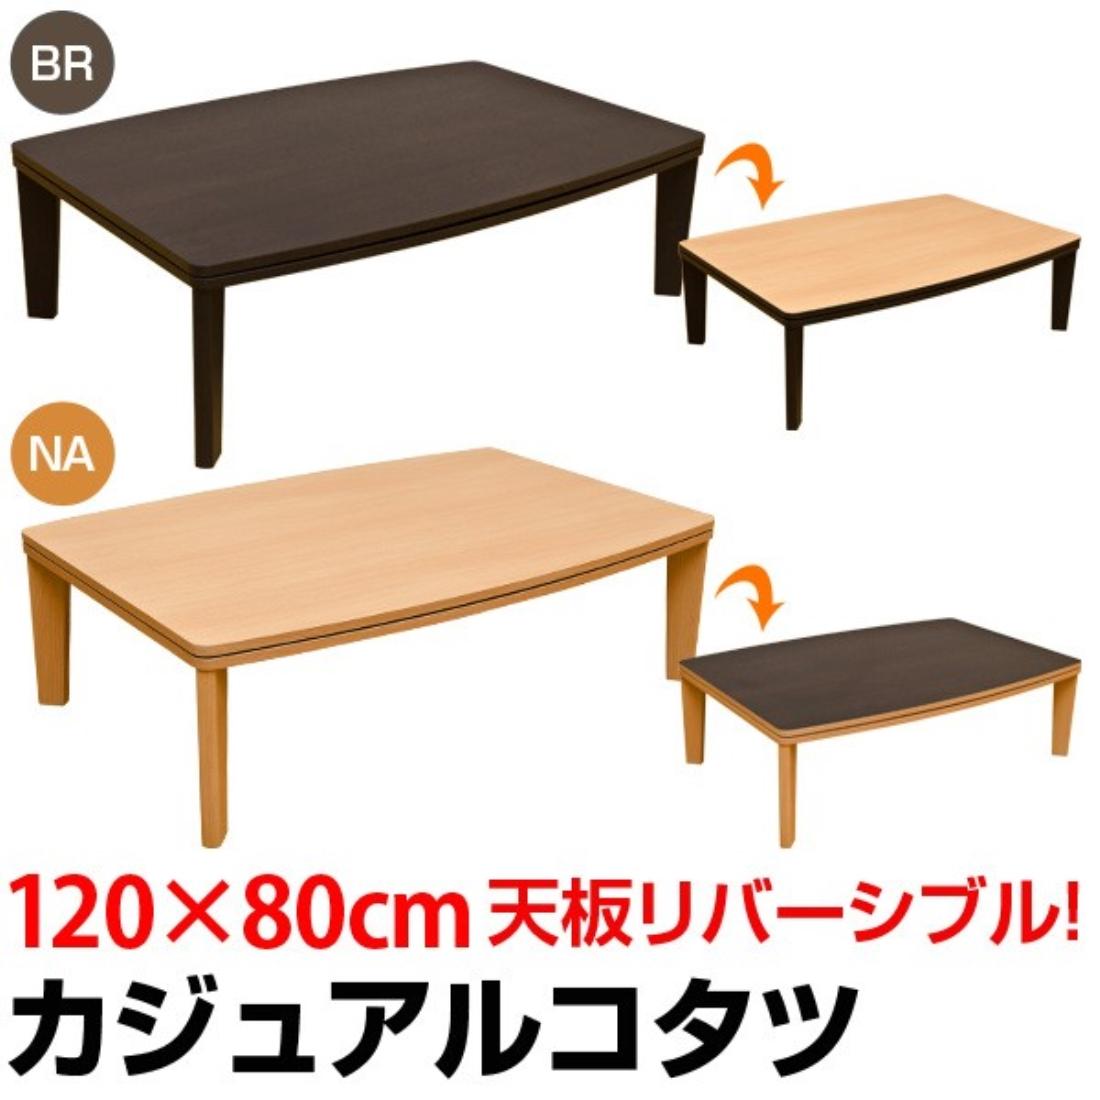 インテリア 家具 こたつ 炬燵 テーブル 机 カジュアルコタツ R天板 長方形120×80【離島・日時指定不可】